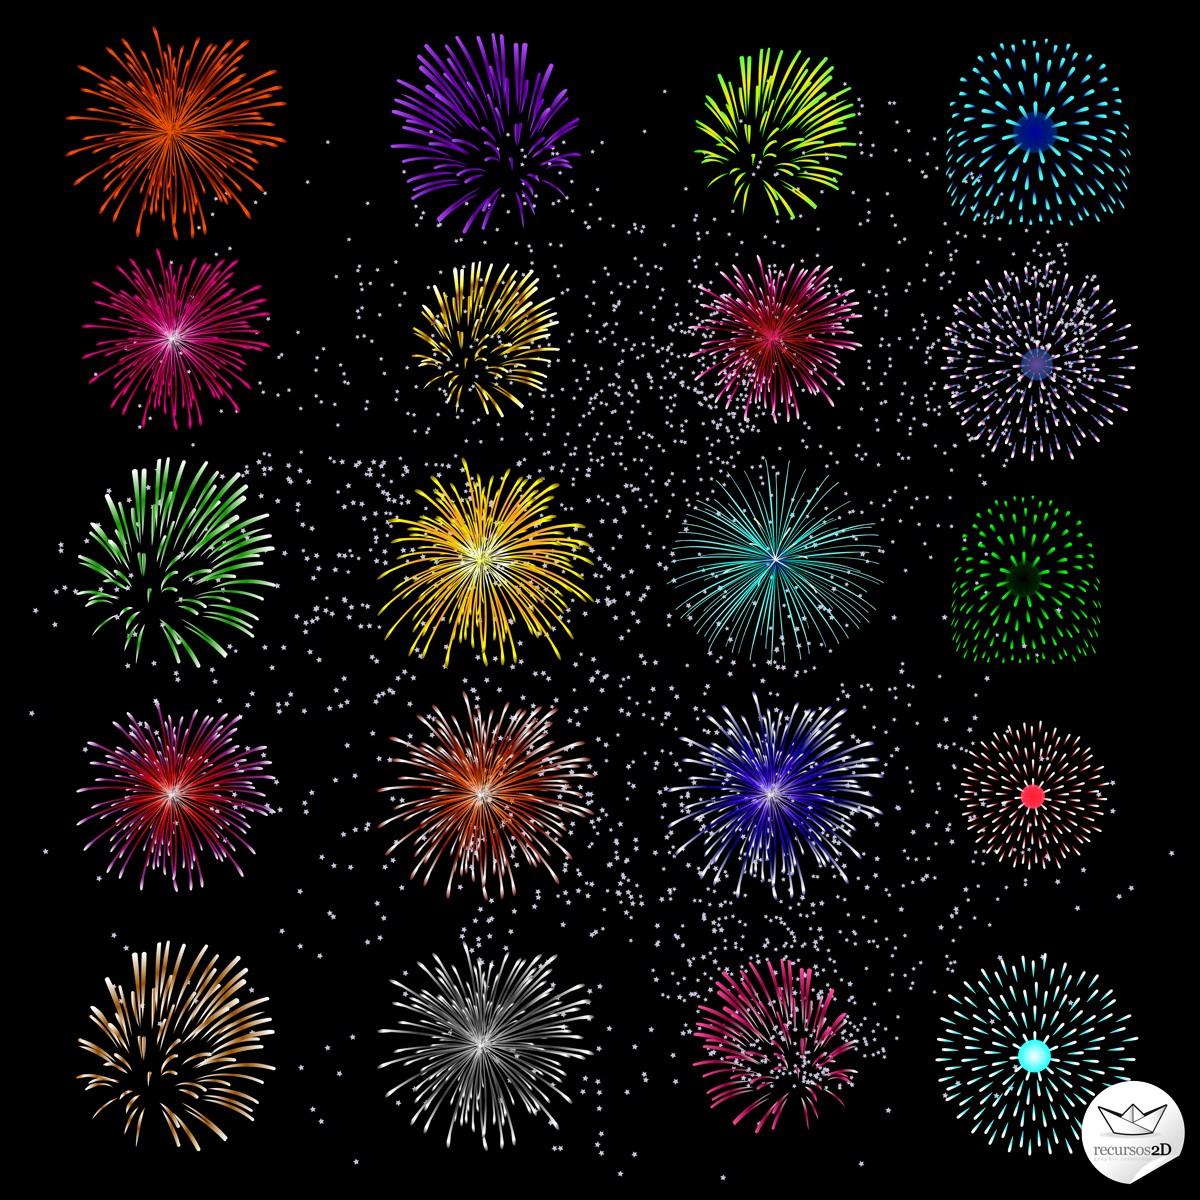 Snap Fuegos Pirotecnicos Vectores Gratis Imagui Photos On Pinterest